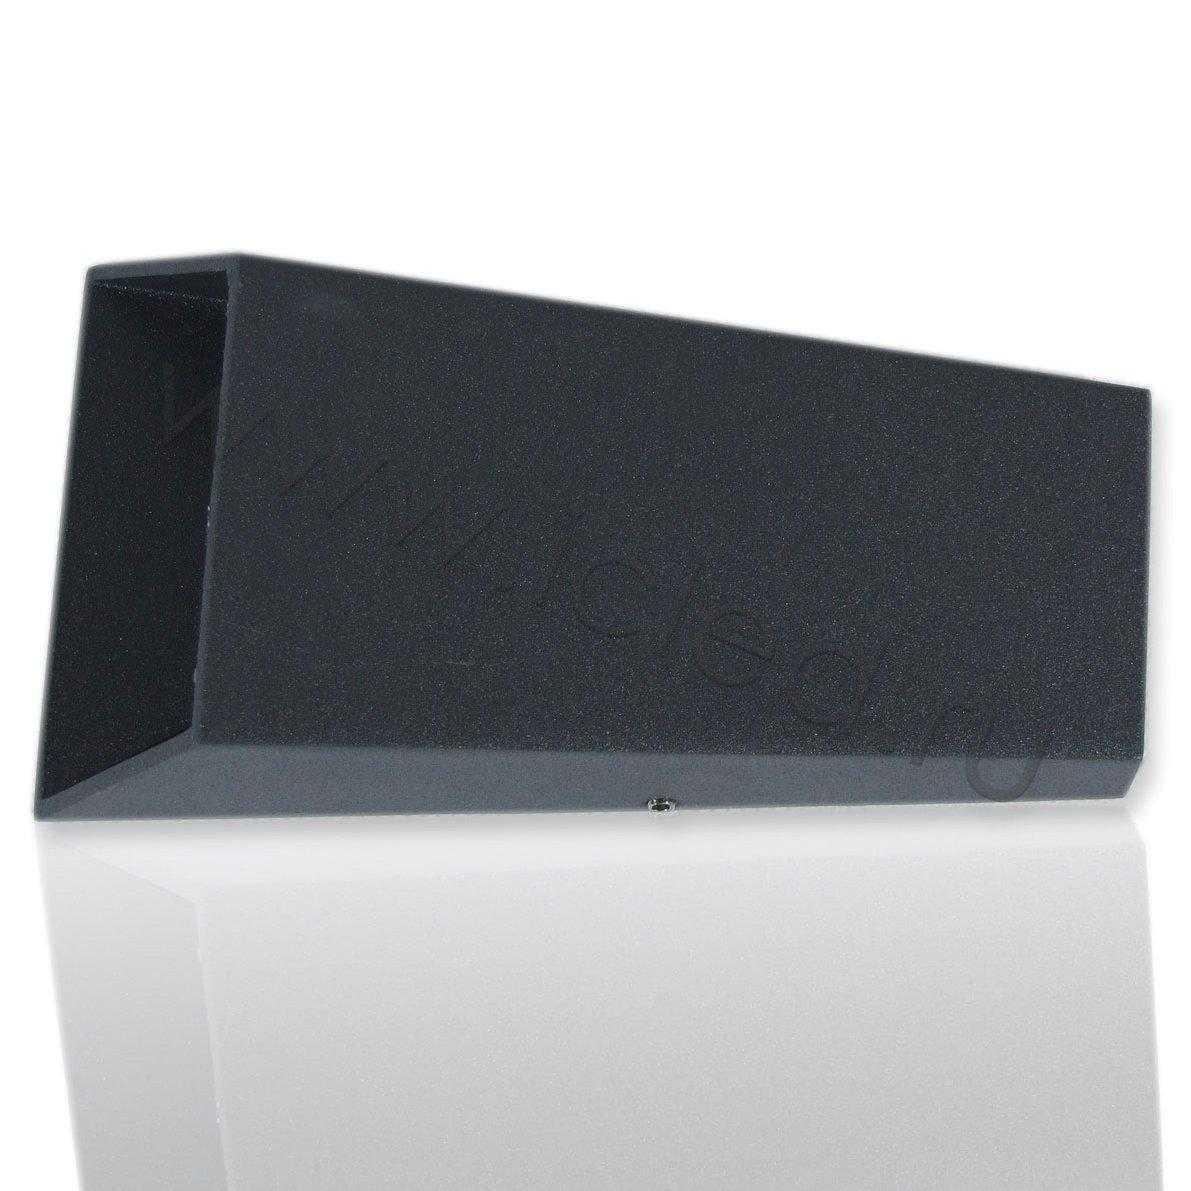 Светодиодный светильник UCR6000 DG, Warm White